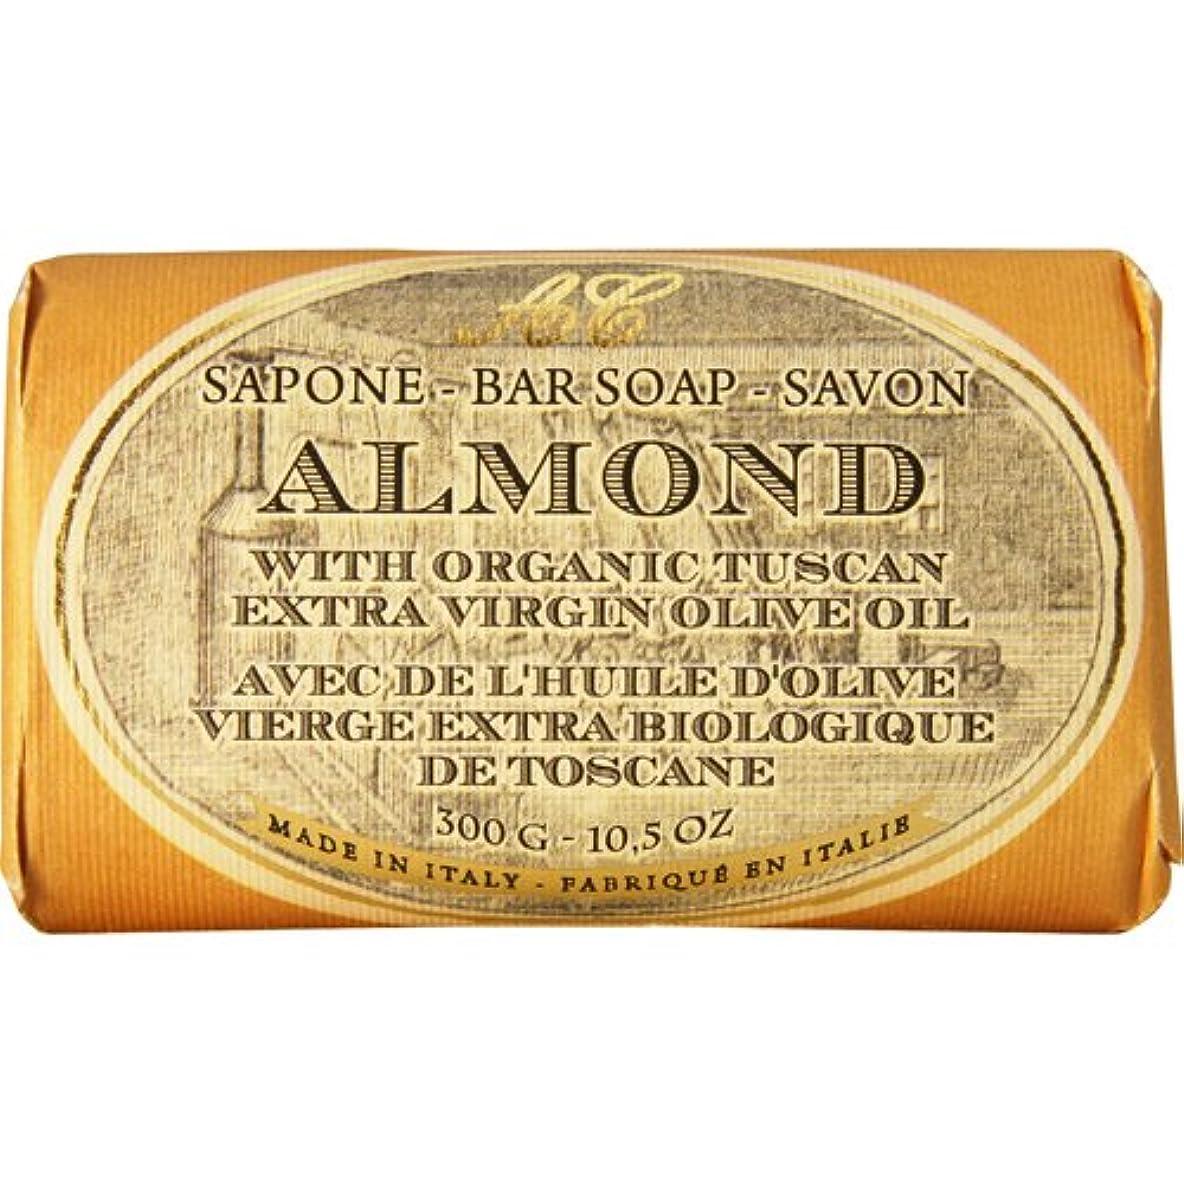 おなじみの矢ミネラルSaponerire Fissi レトロシリーズ Bar Soap バーソープ 300g Almond アーモンドオイル